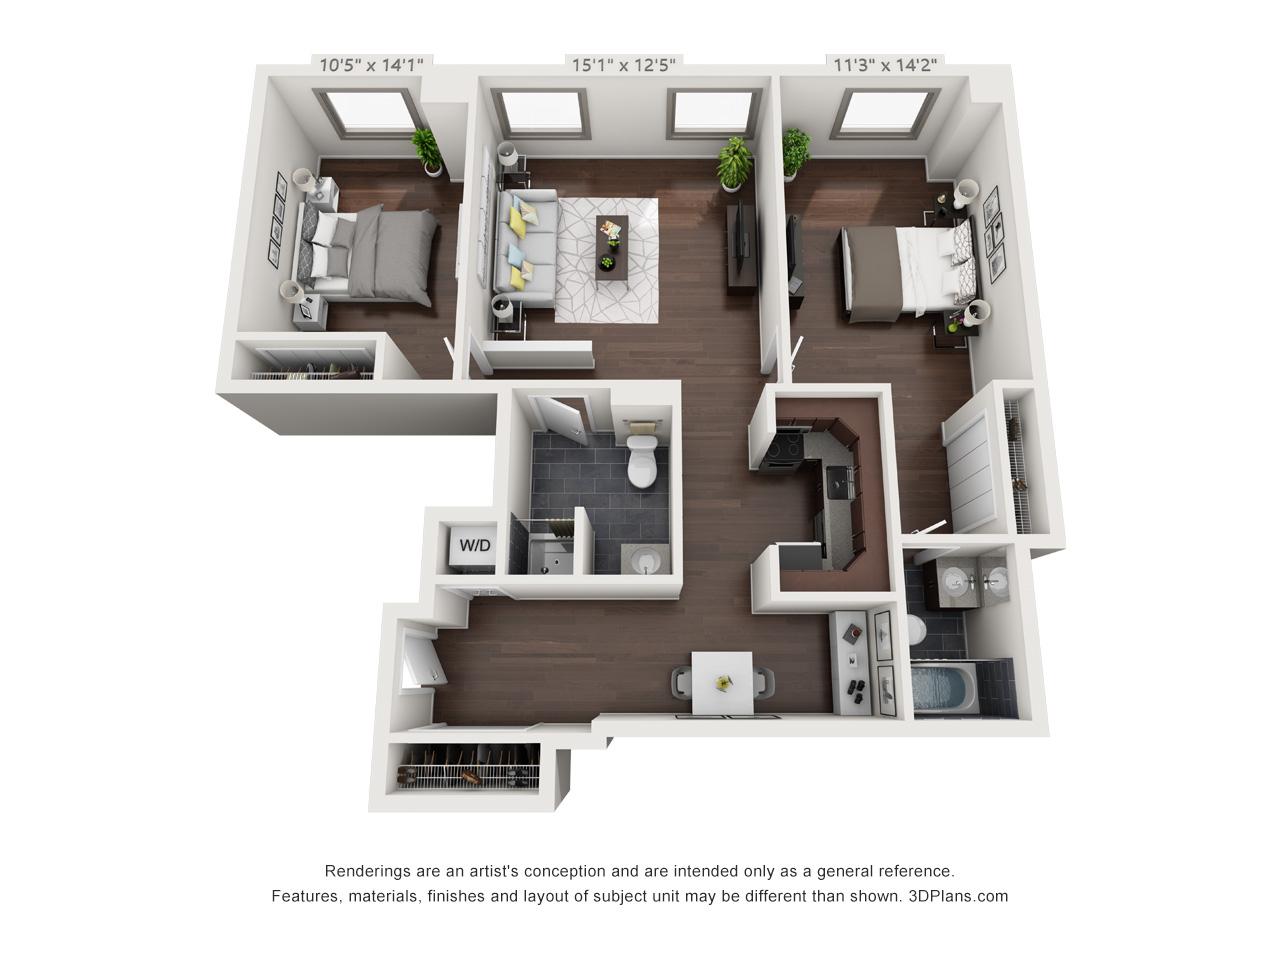 Philadelphia community college apartments - 2 bedroom